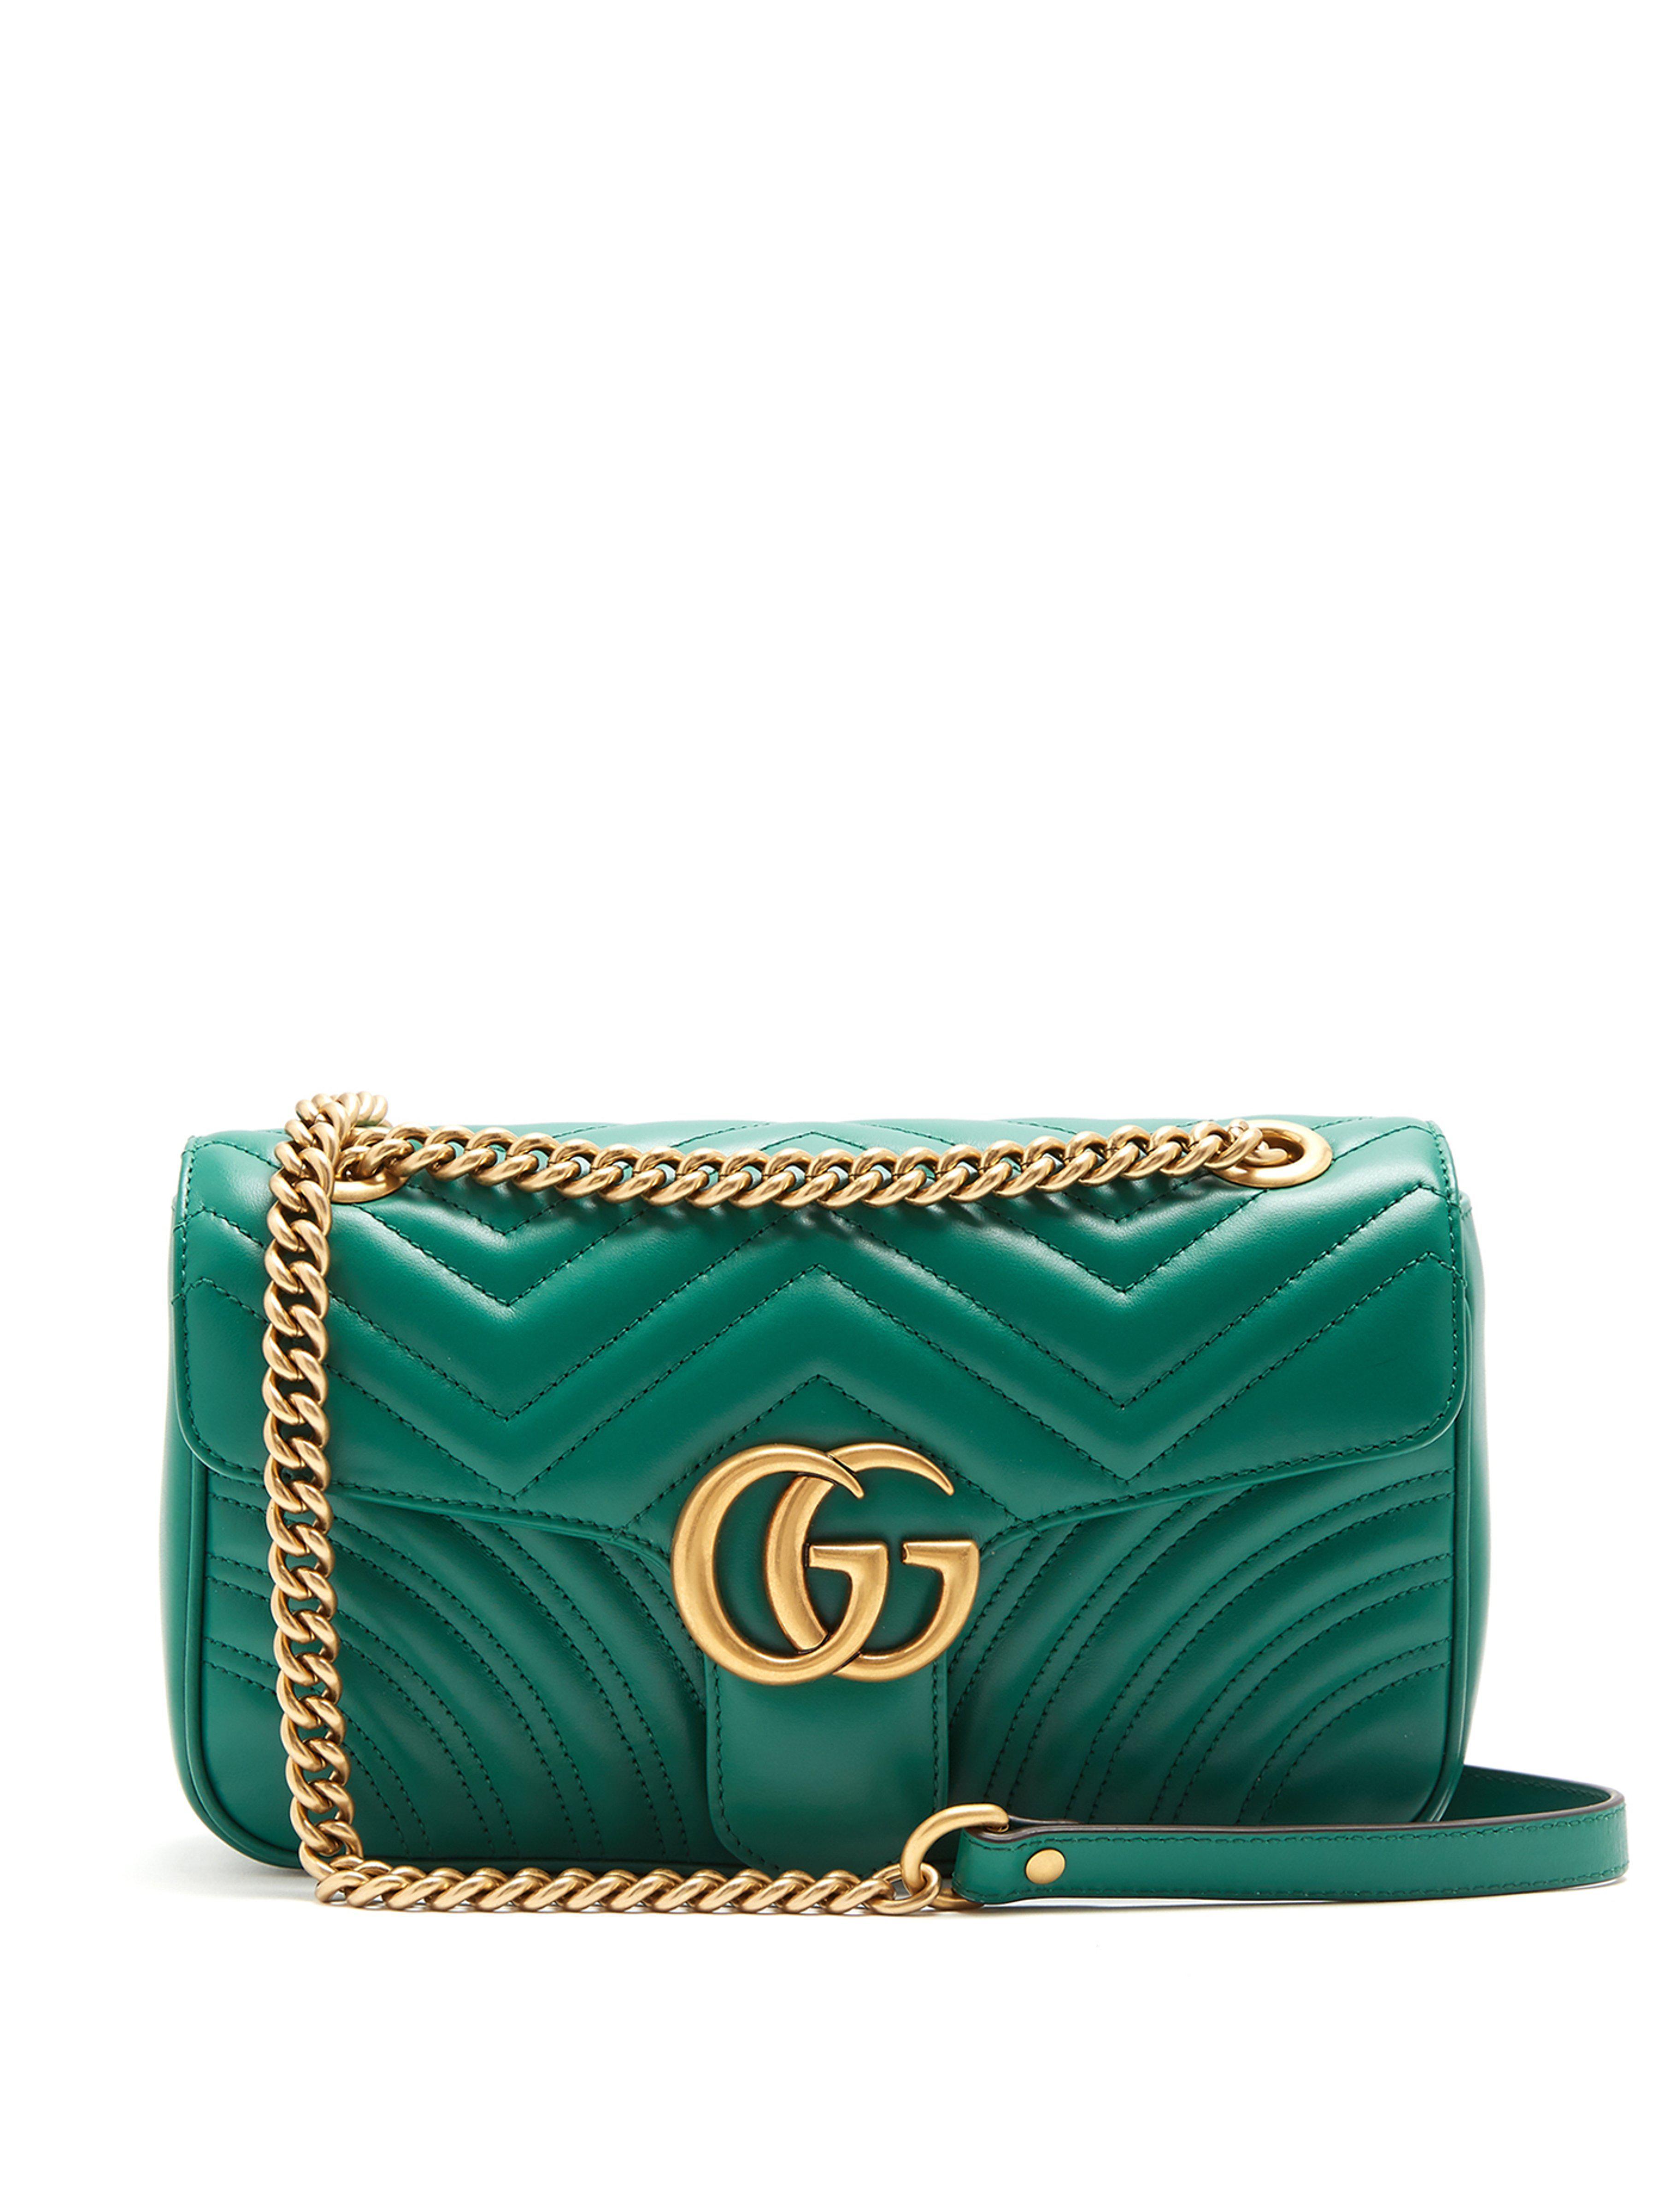 394058199e38 Lyst - Sac porté épaule en cuir matelassé GG Marmont Gucci en ...